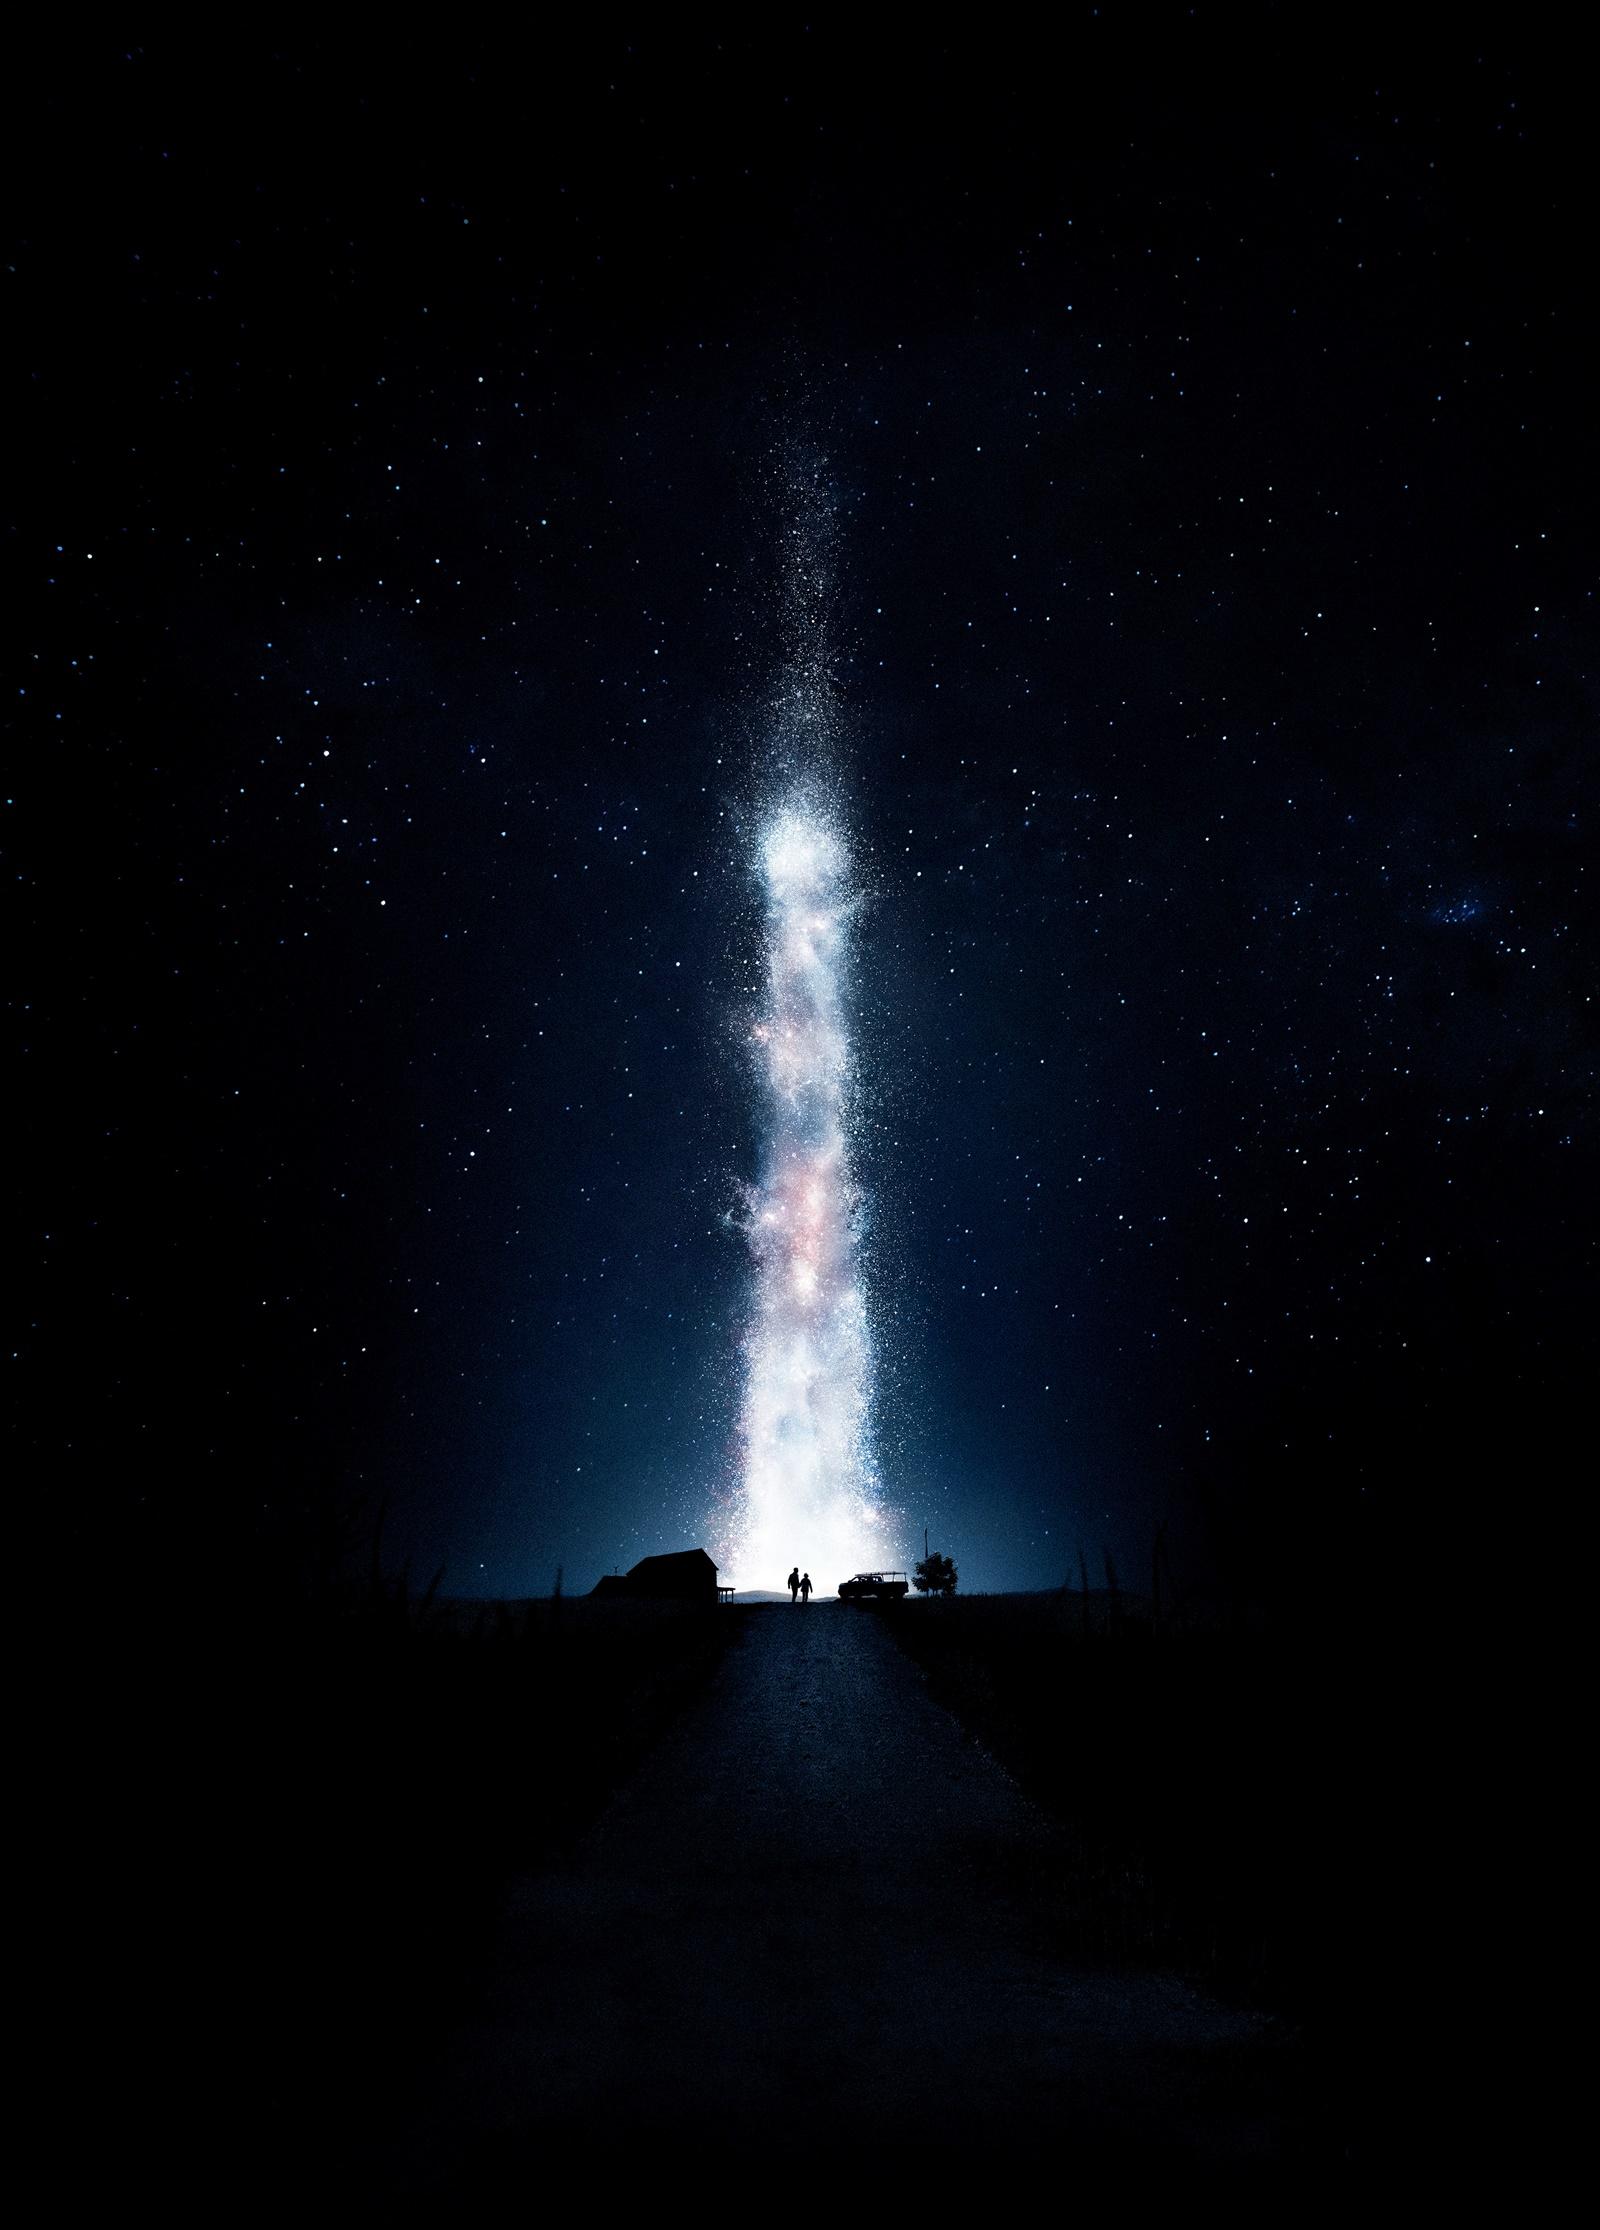 Gigante luz indo em direção ao céu